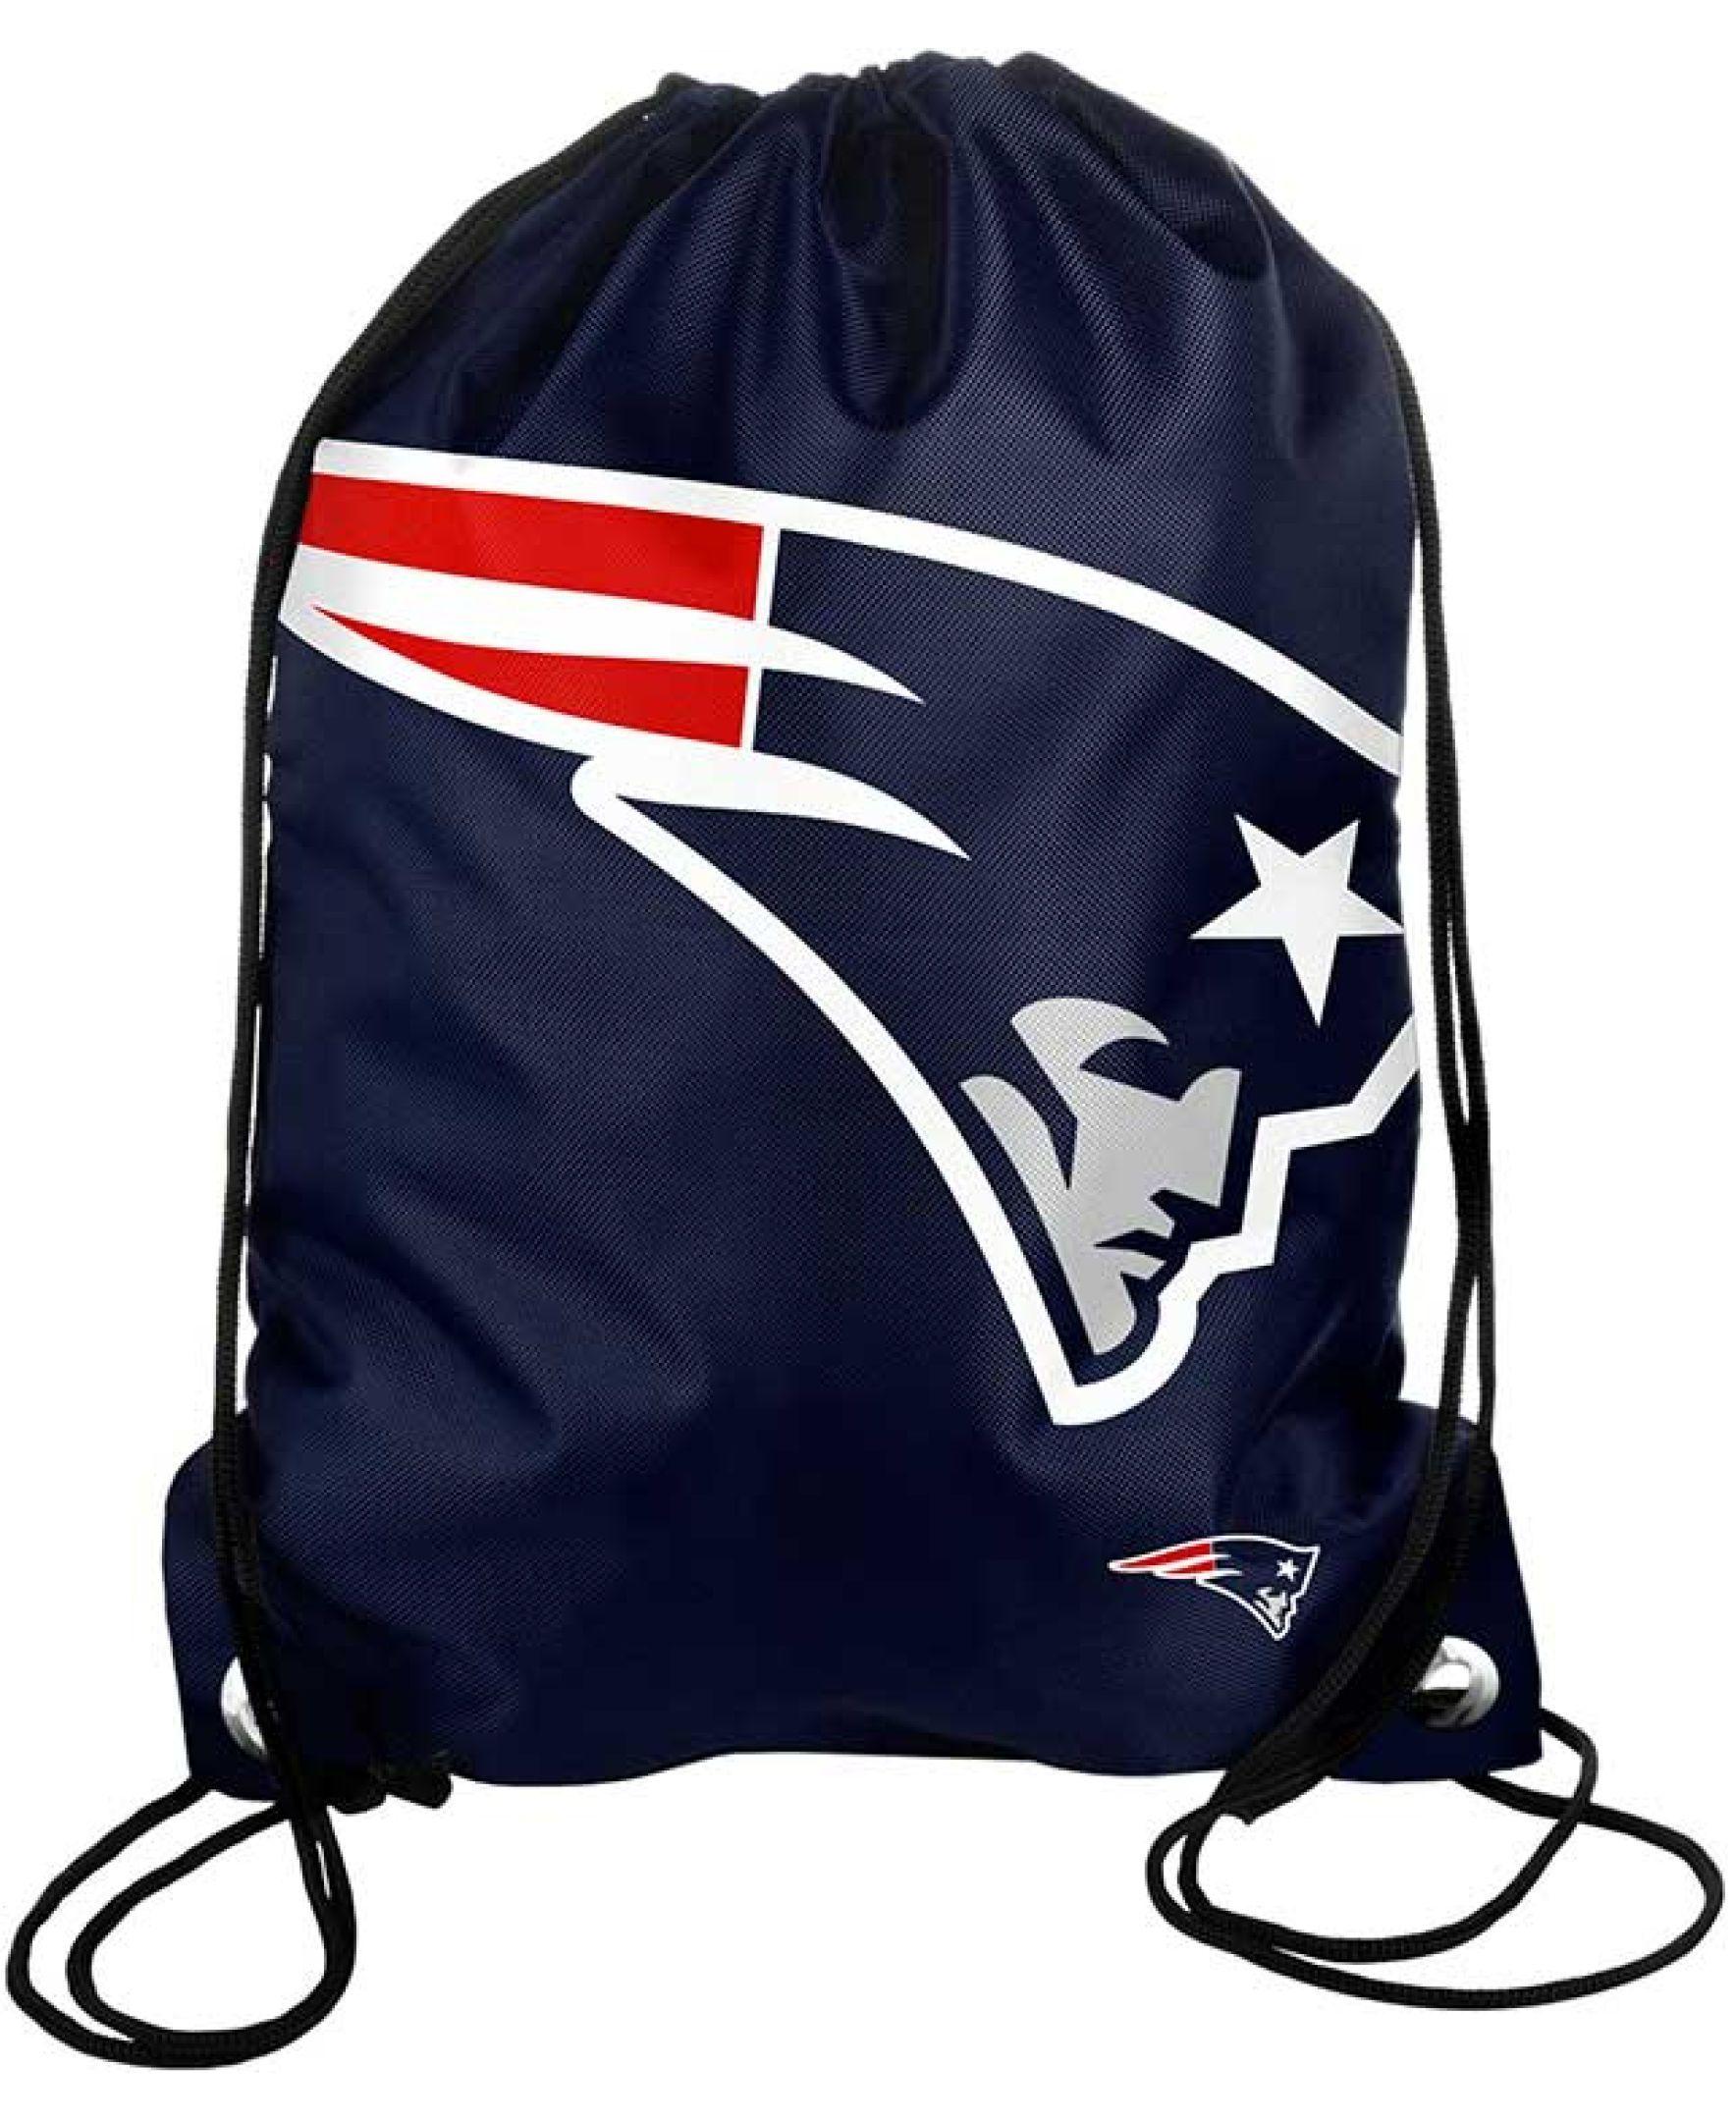 85e419f4 Forever Collectibles New England Patriots Big Logo Drawstring Bag ...